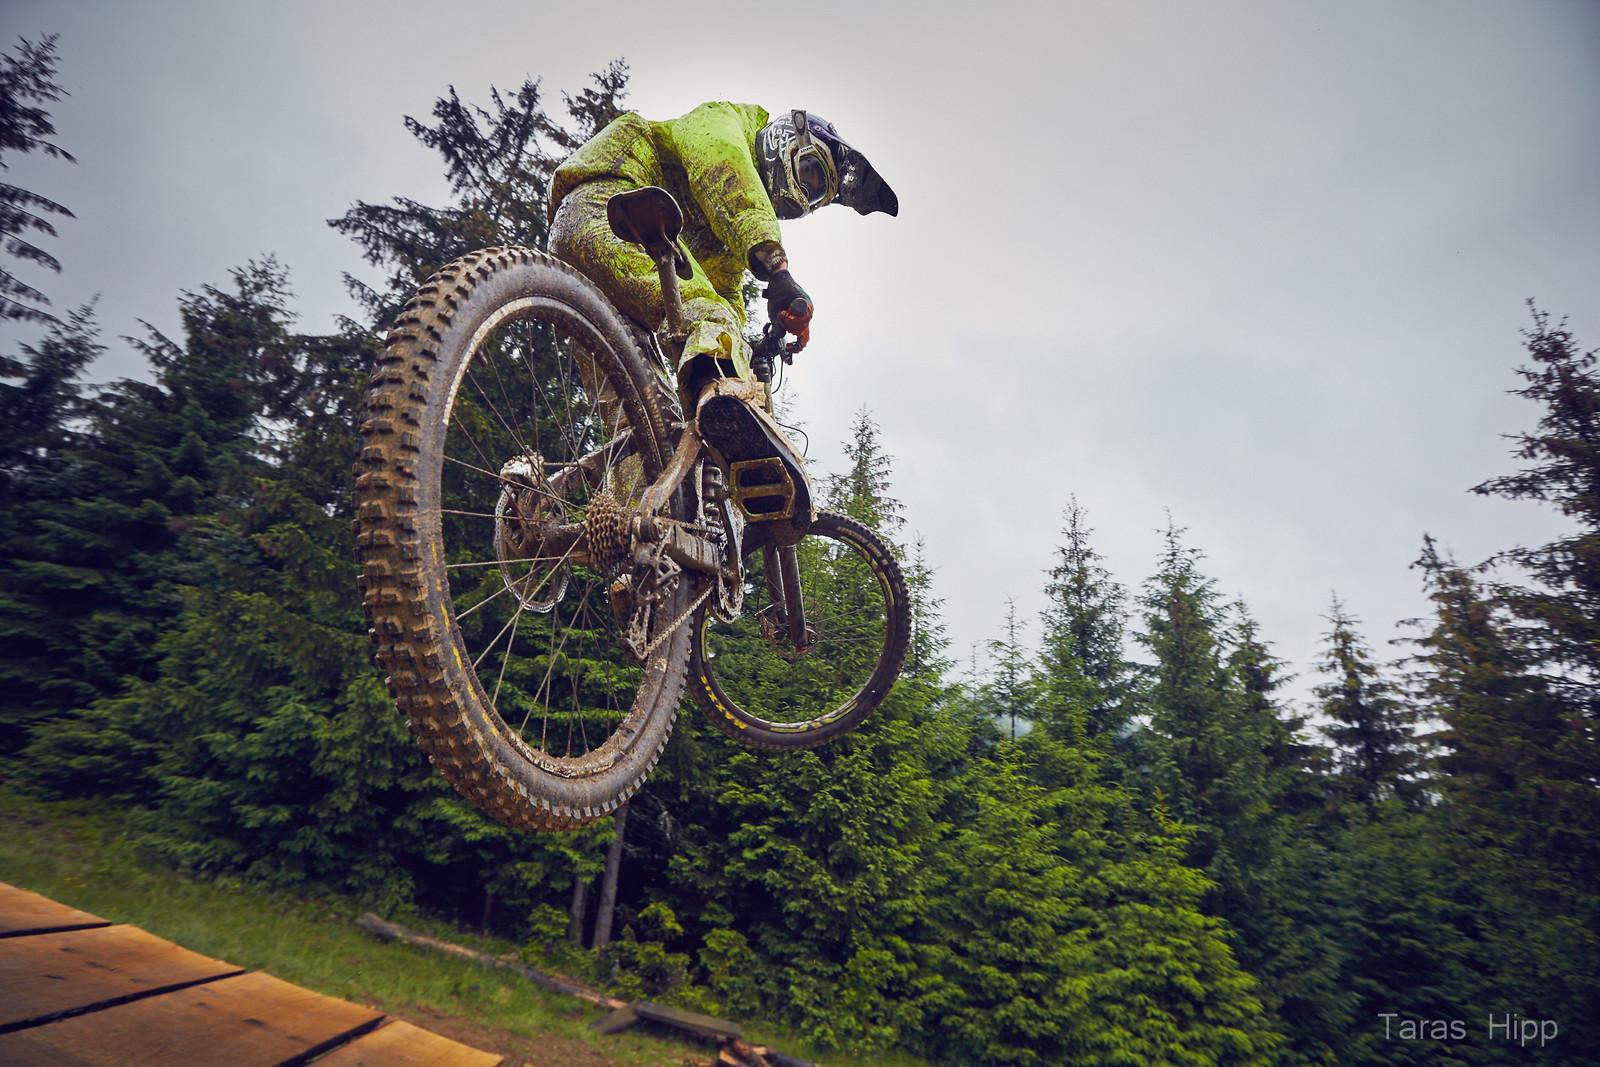 87B7873 - Pavlo_Soyma - Mountain Biking Pictures - Vital MTB